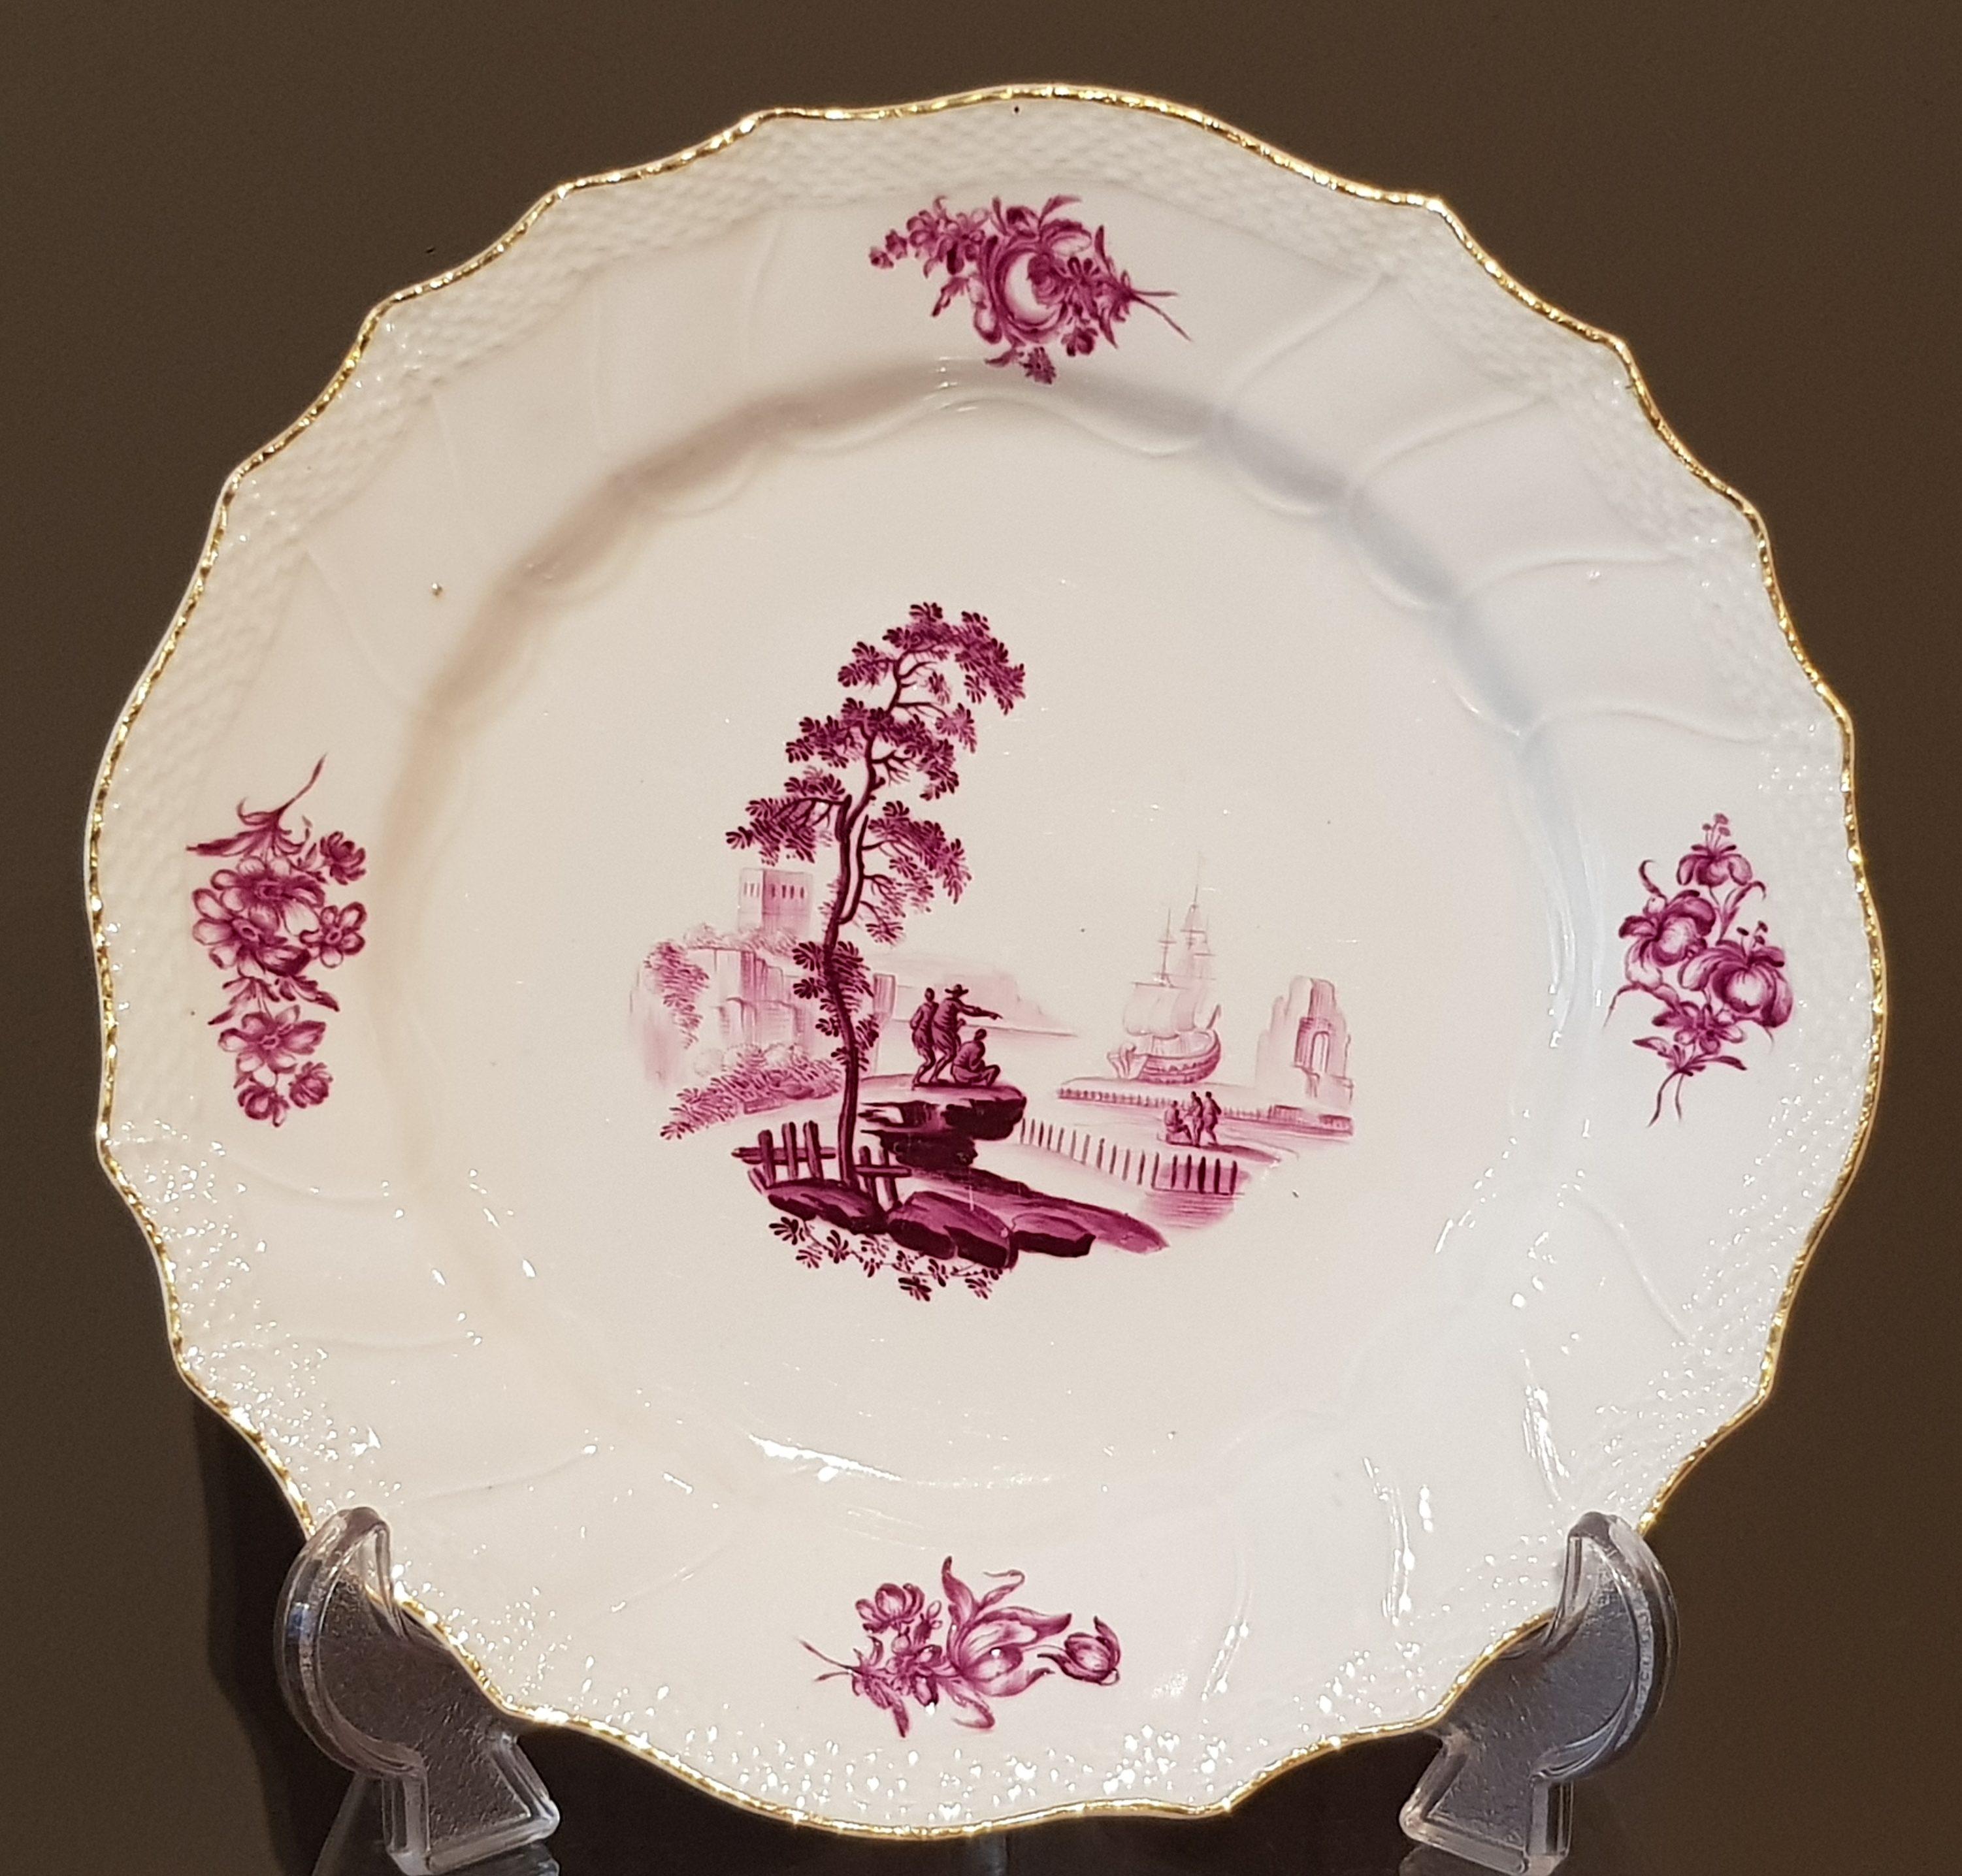 Assiette camaïeu pourpre et or en porcelaine tendre de Tournai - VENDU Image